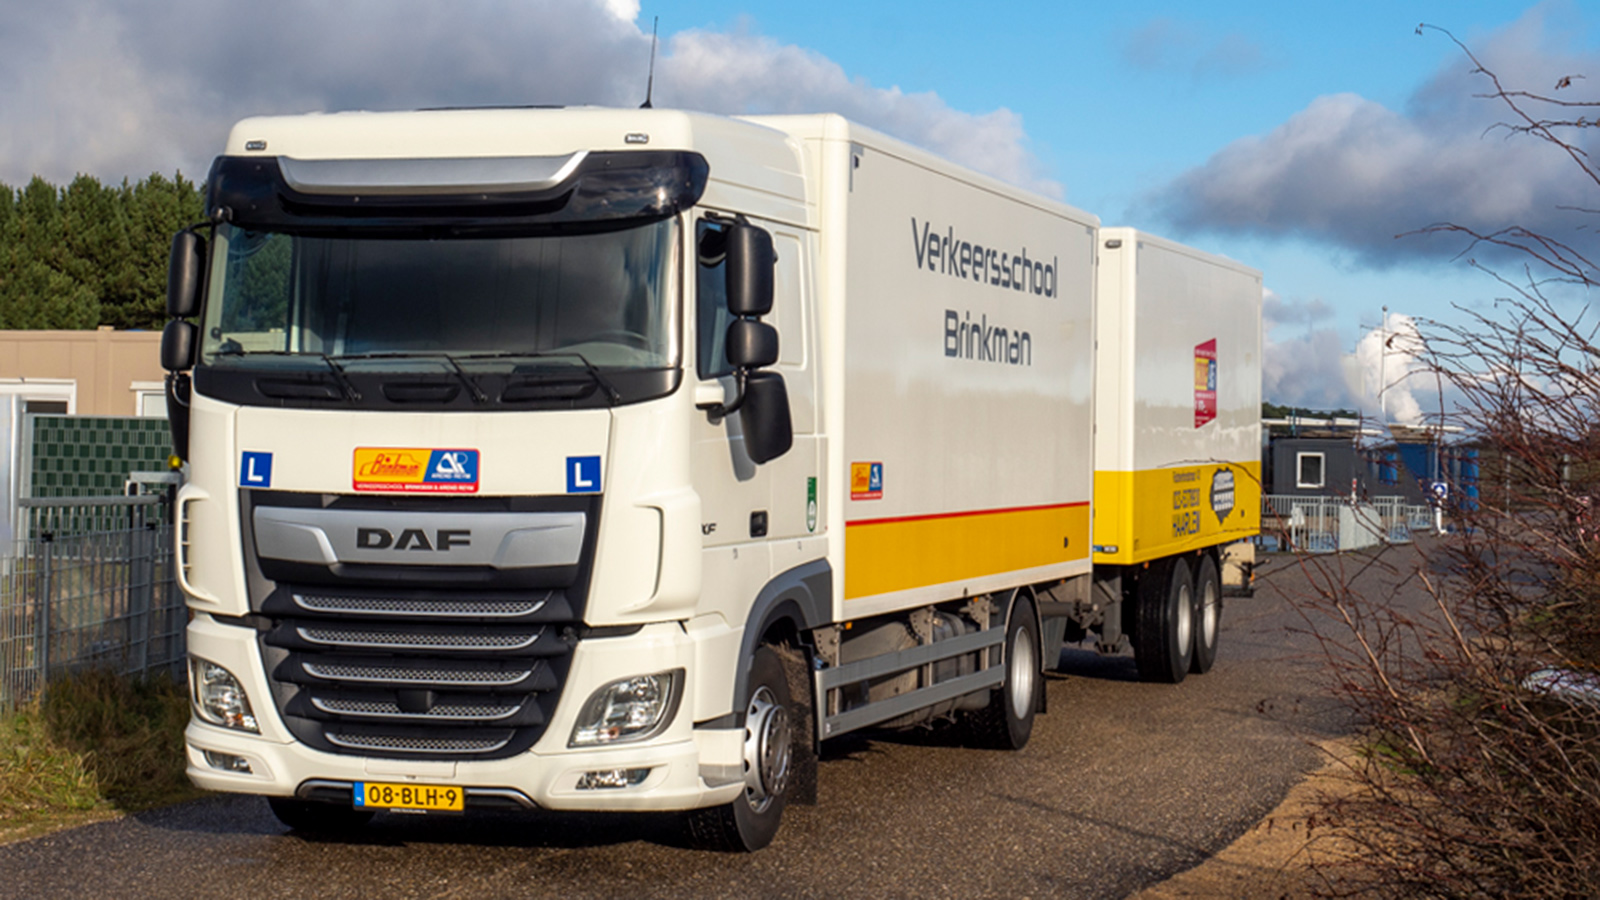 Verkeersschool Brinkman vrachtauto aanhanger